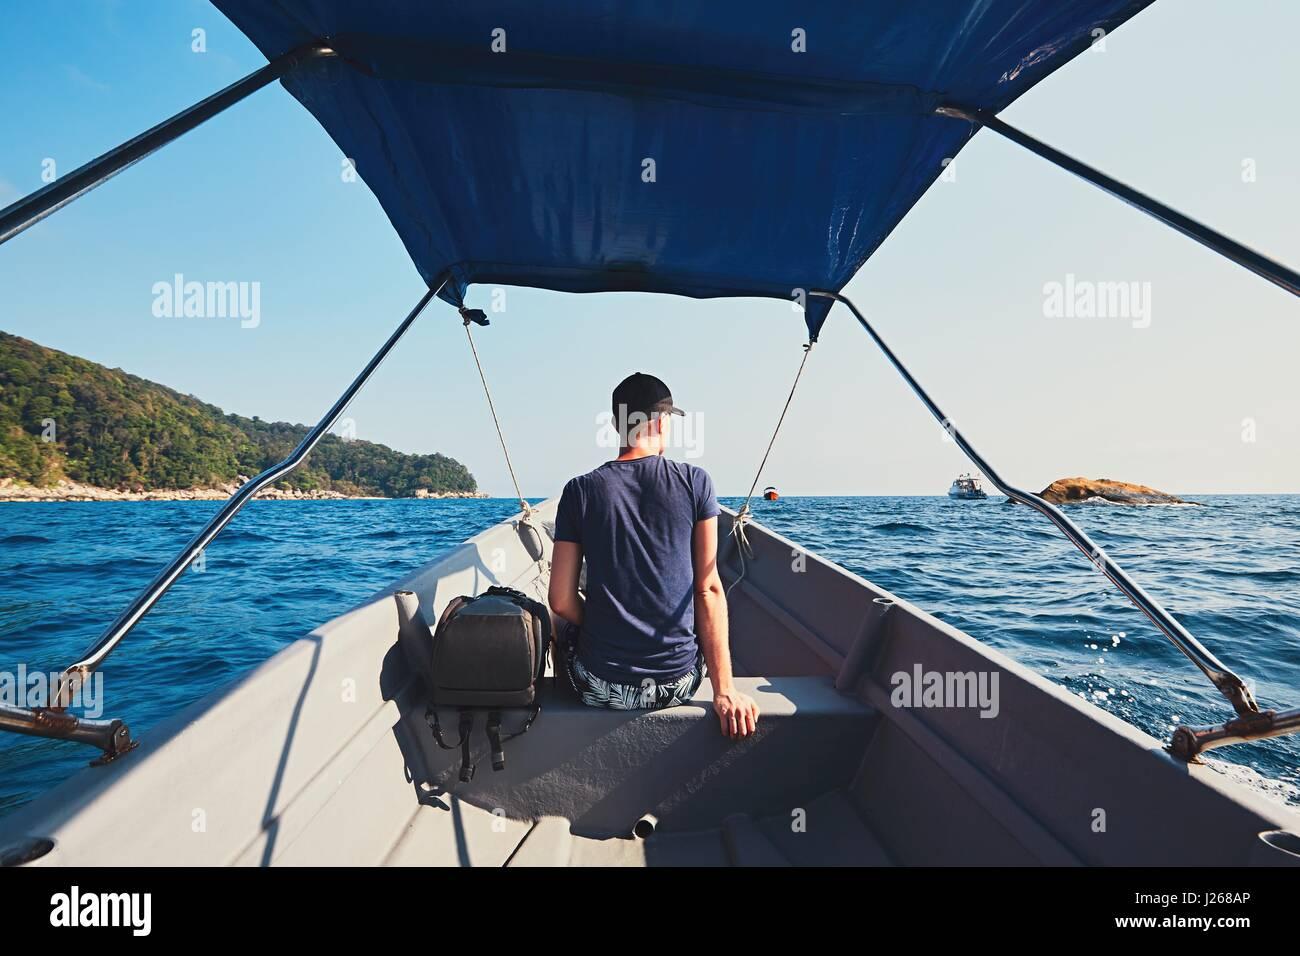 Aventura en el mar. Joven viajar por lancha. Foto de stock